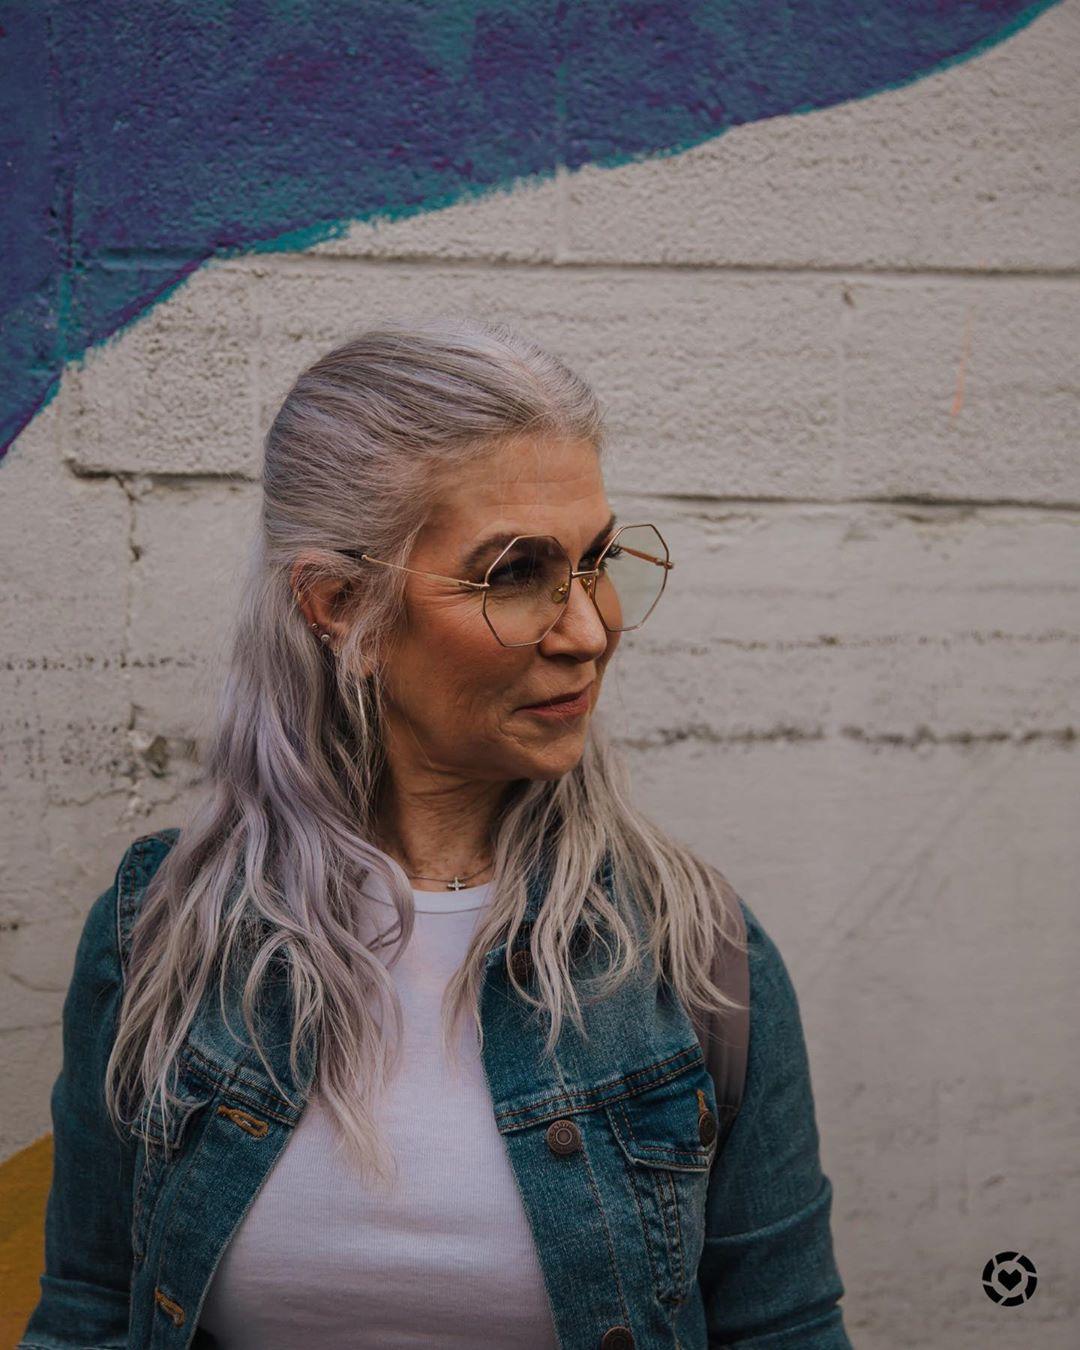 прически для женщин старше 50 лет фото 8